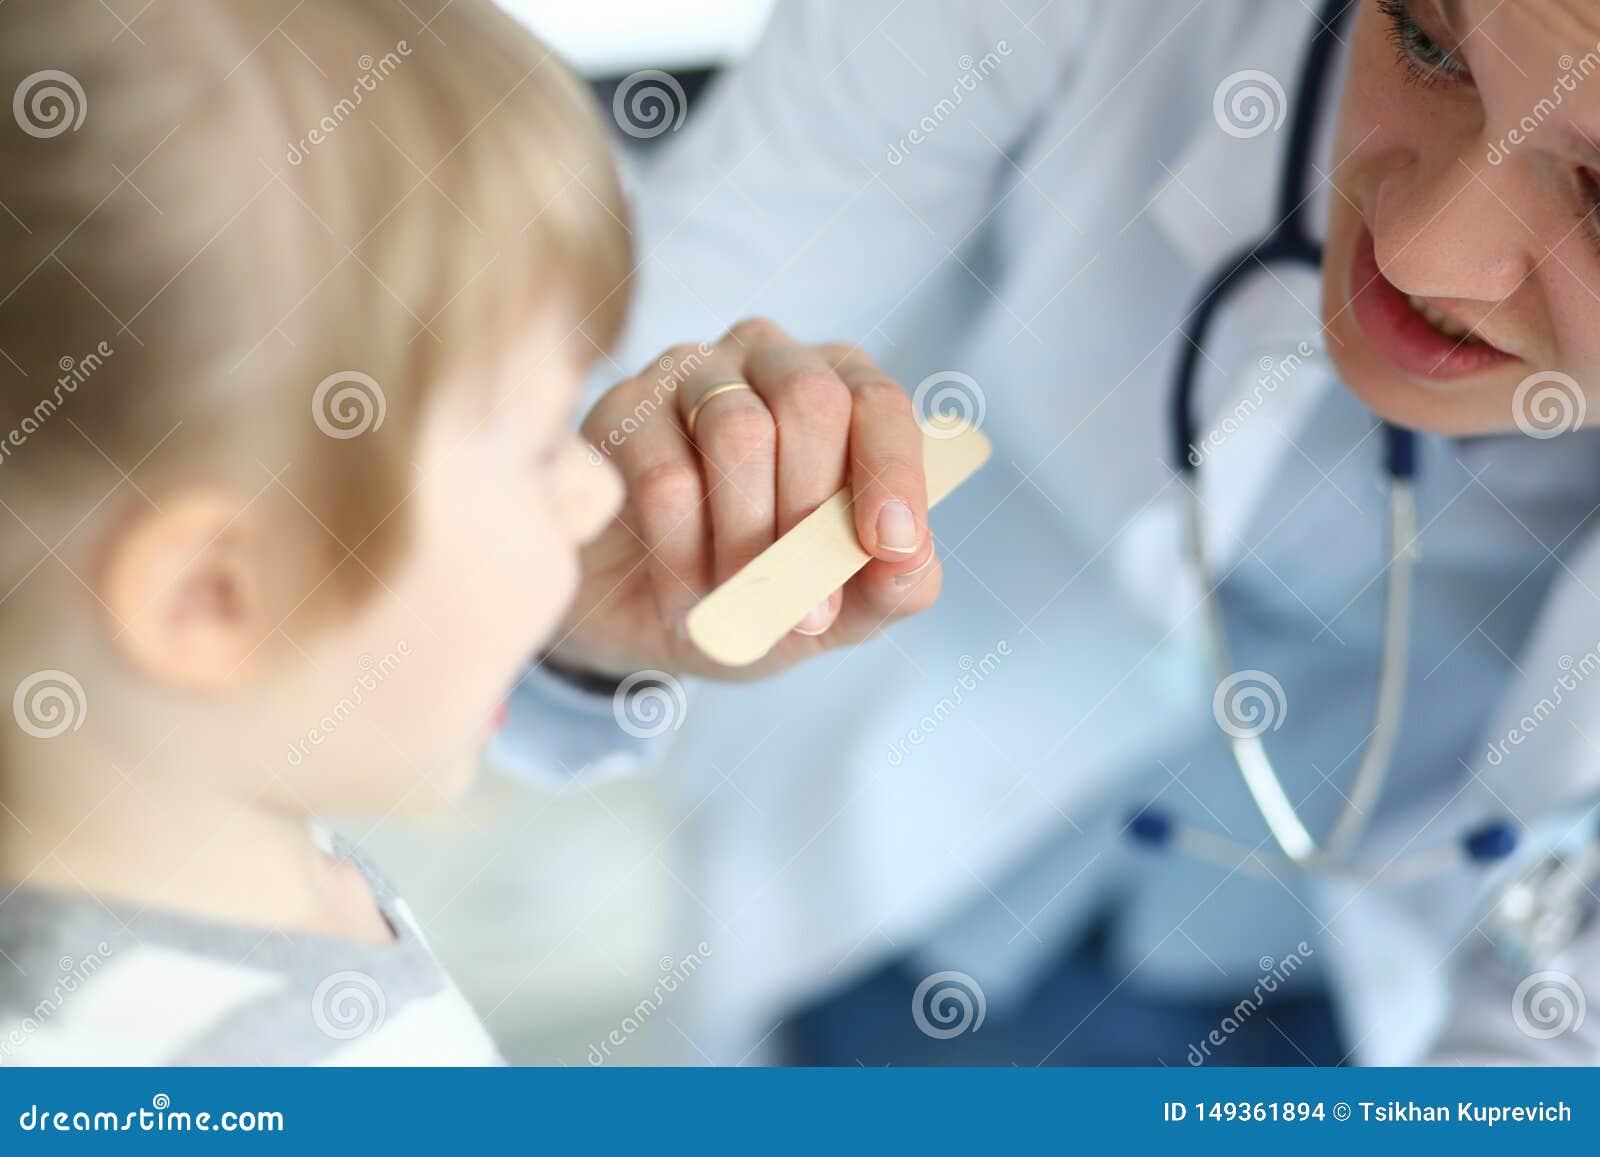 Θηλυκός παιδίατρος που εξετάζει τον υπομονετικό λαιμό παιδάκι με το ξύλινο ραβδί